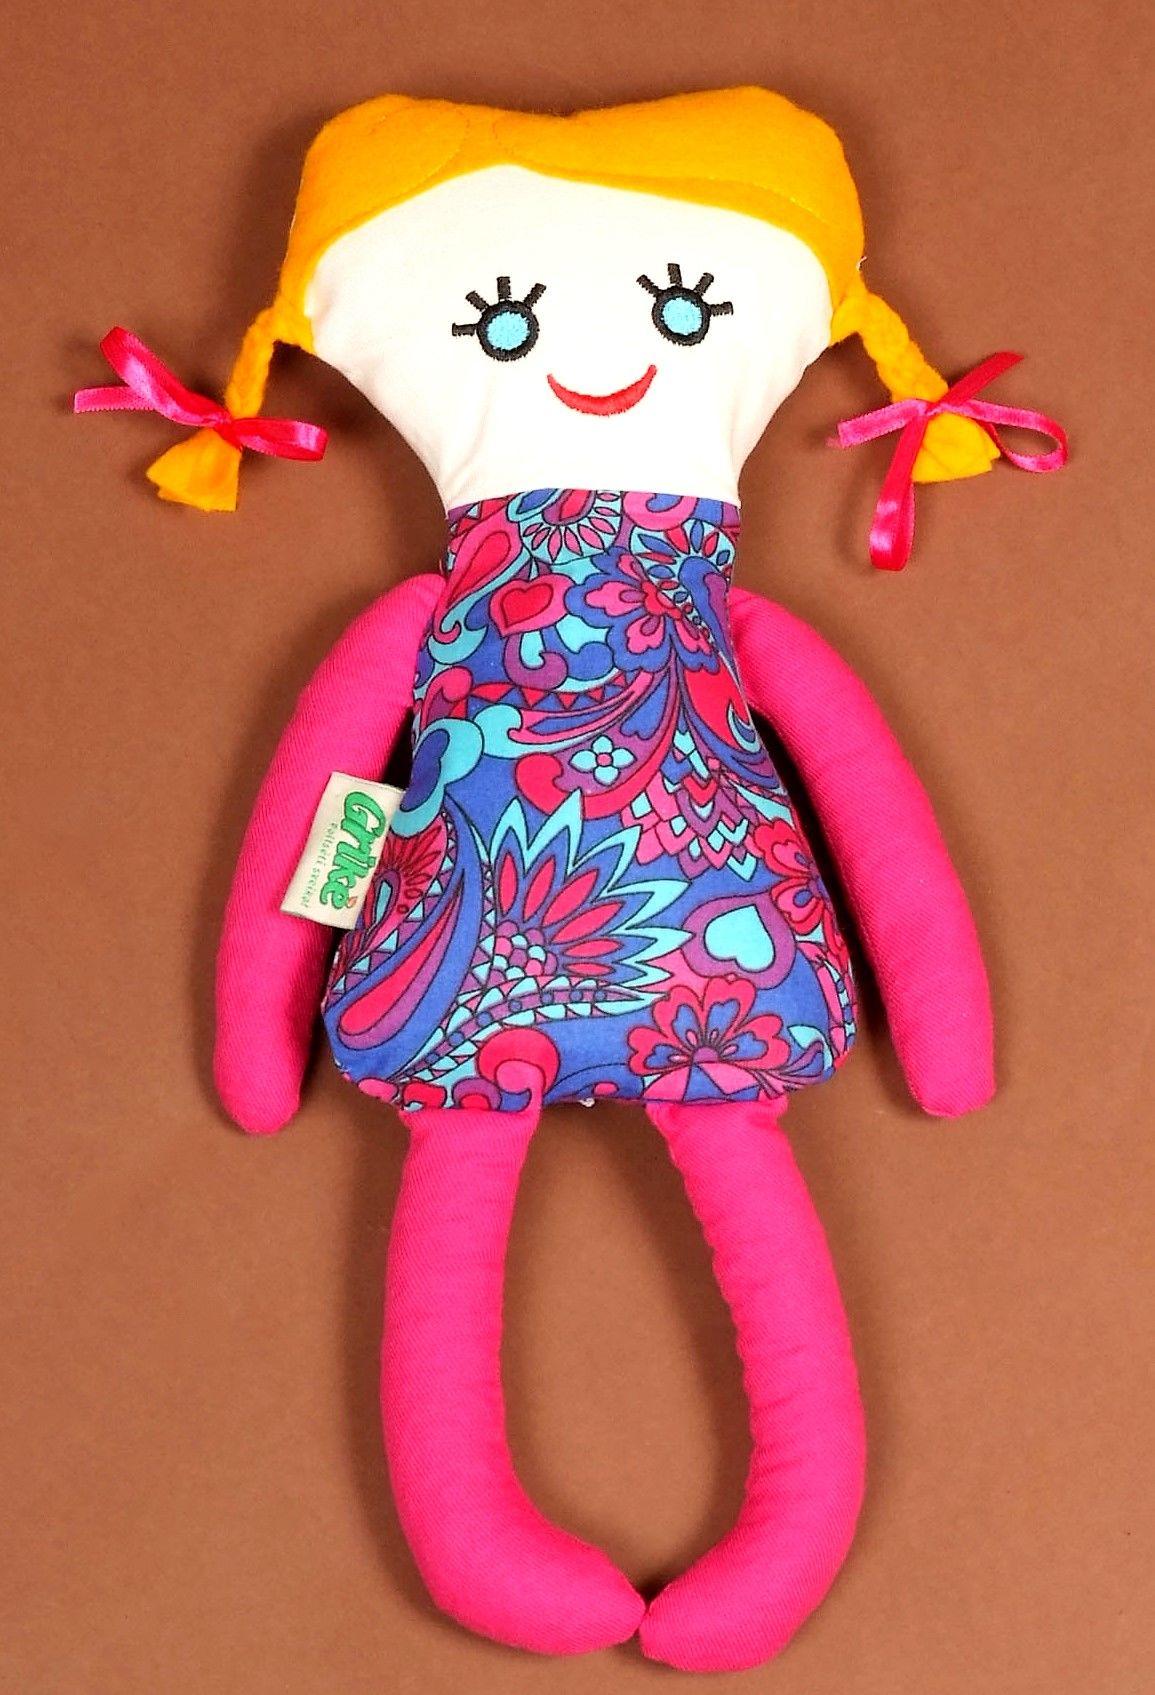 Grikė Natūralus žaislas-šildyklė Mergaitė kimšta grikių lukštais  43x20cm.